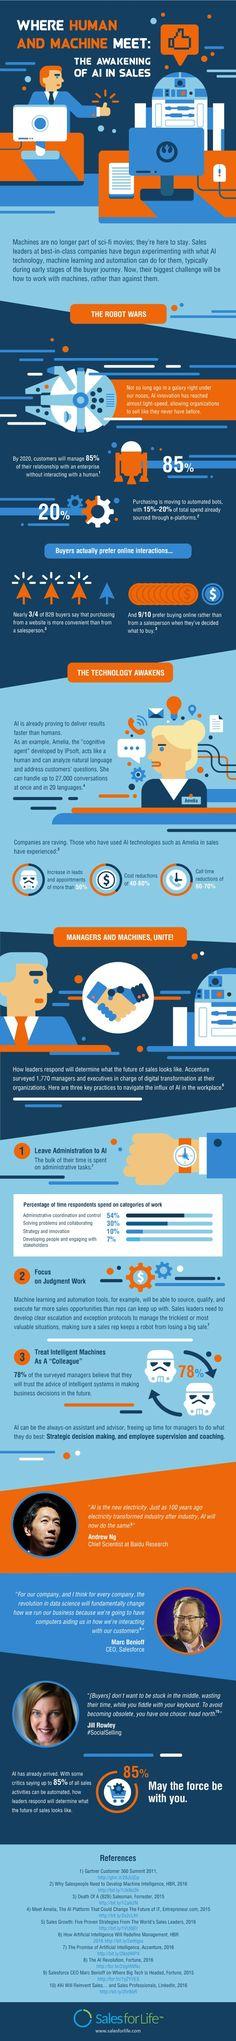 Infographie | Le futur de la vente B2B passera par l'Intelligence Artificielle | Sparklane